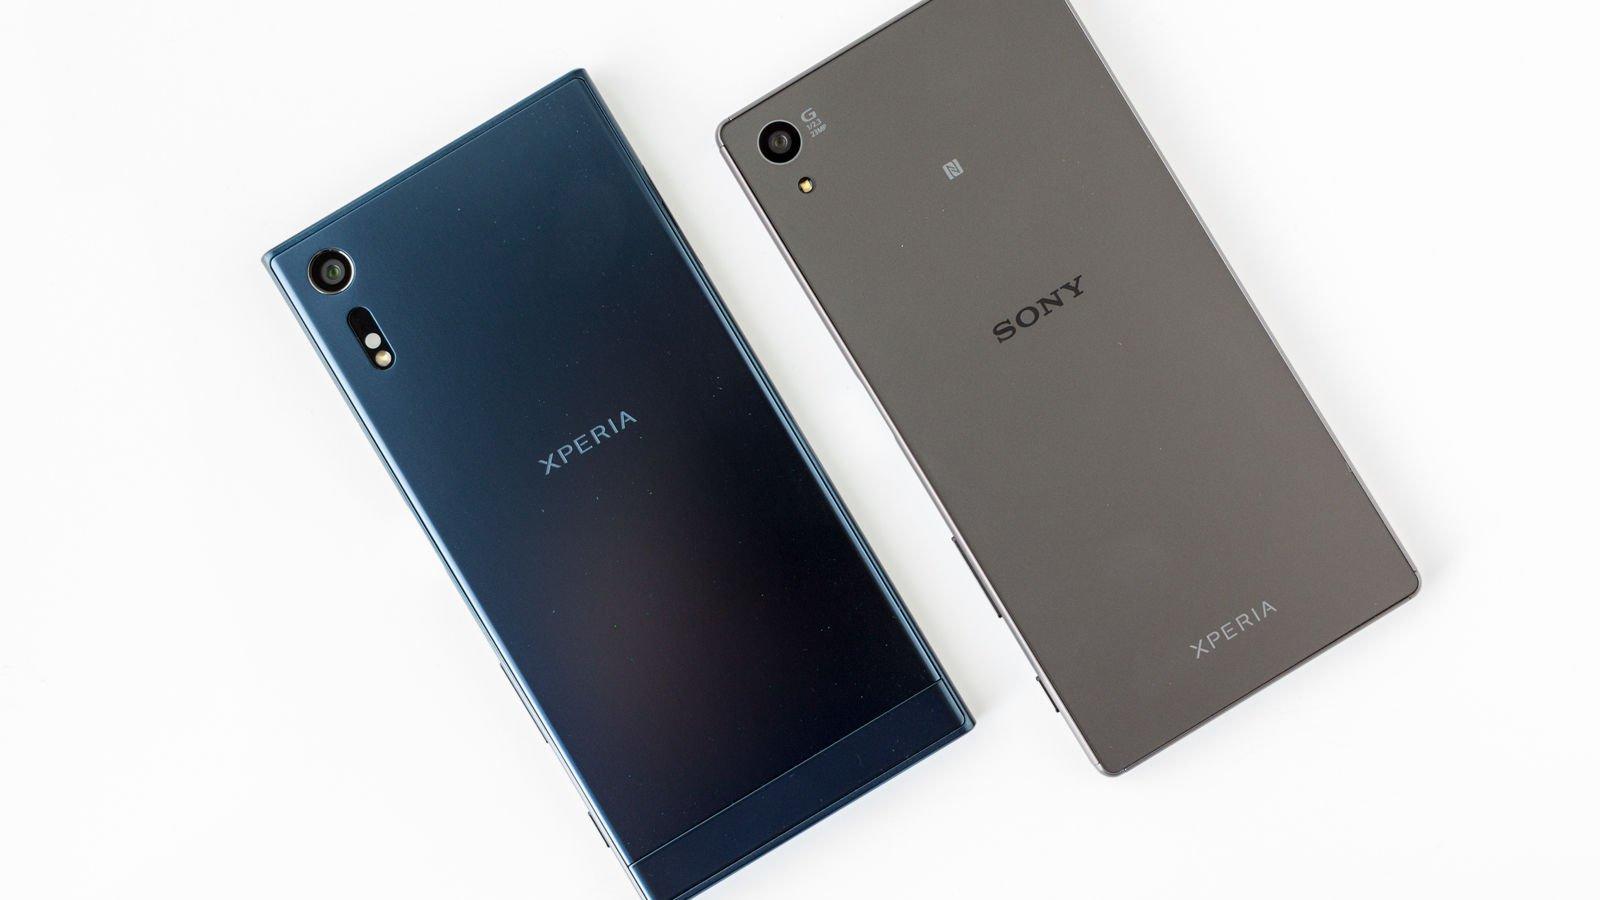 باشگاه خبرنگاران -خرید گوشی Sony در بازار چقدر آب می خورد؟